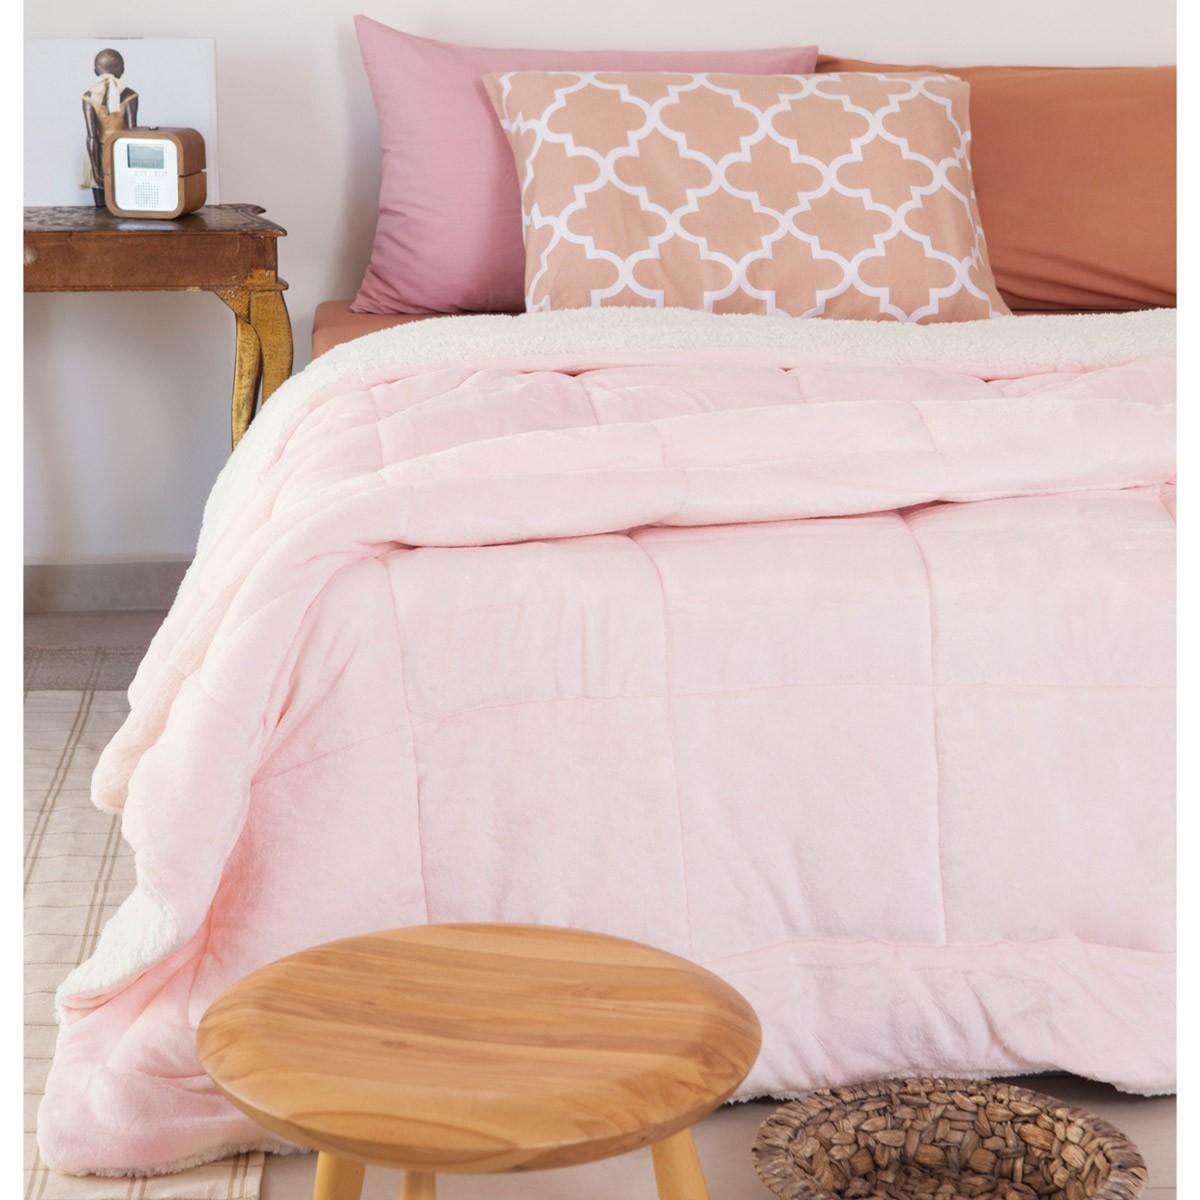 Κουβερτοπάπλωμα Υπέρδιπλο Melinen Dreamy Powder Pink 83859